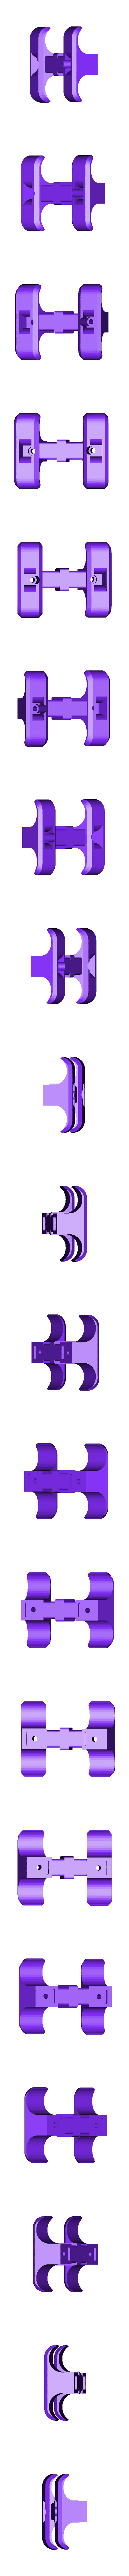 zeta_7ball_copler_bolt.stl Download free STL file Tipx 7round super mag coupler • 3D printer design, UntangleART